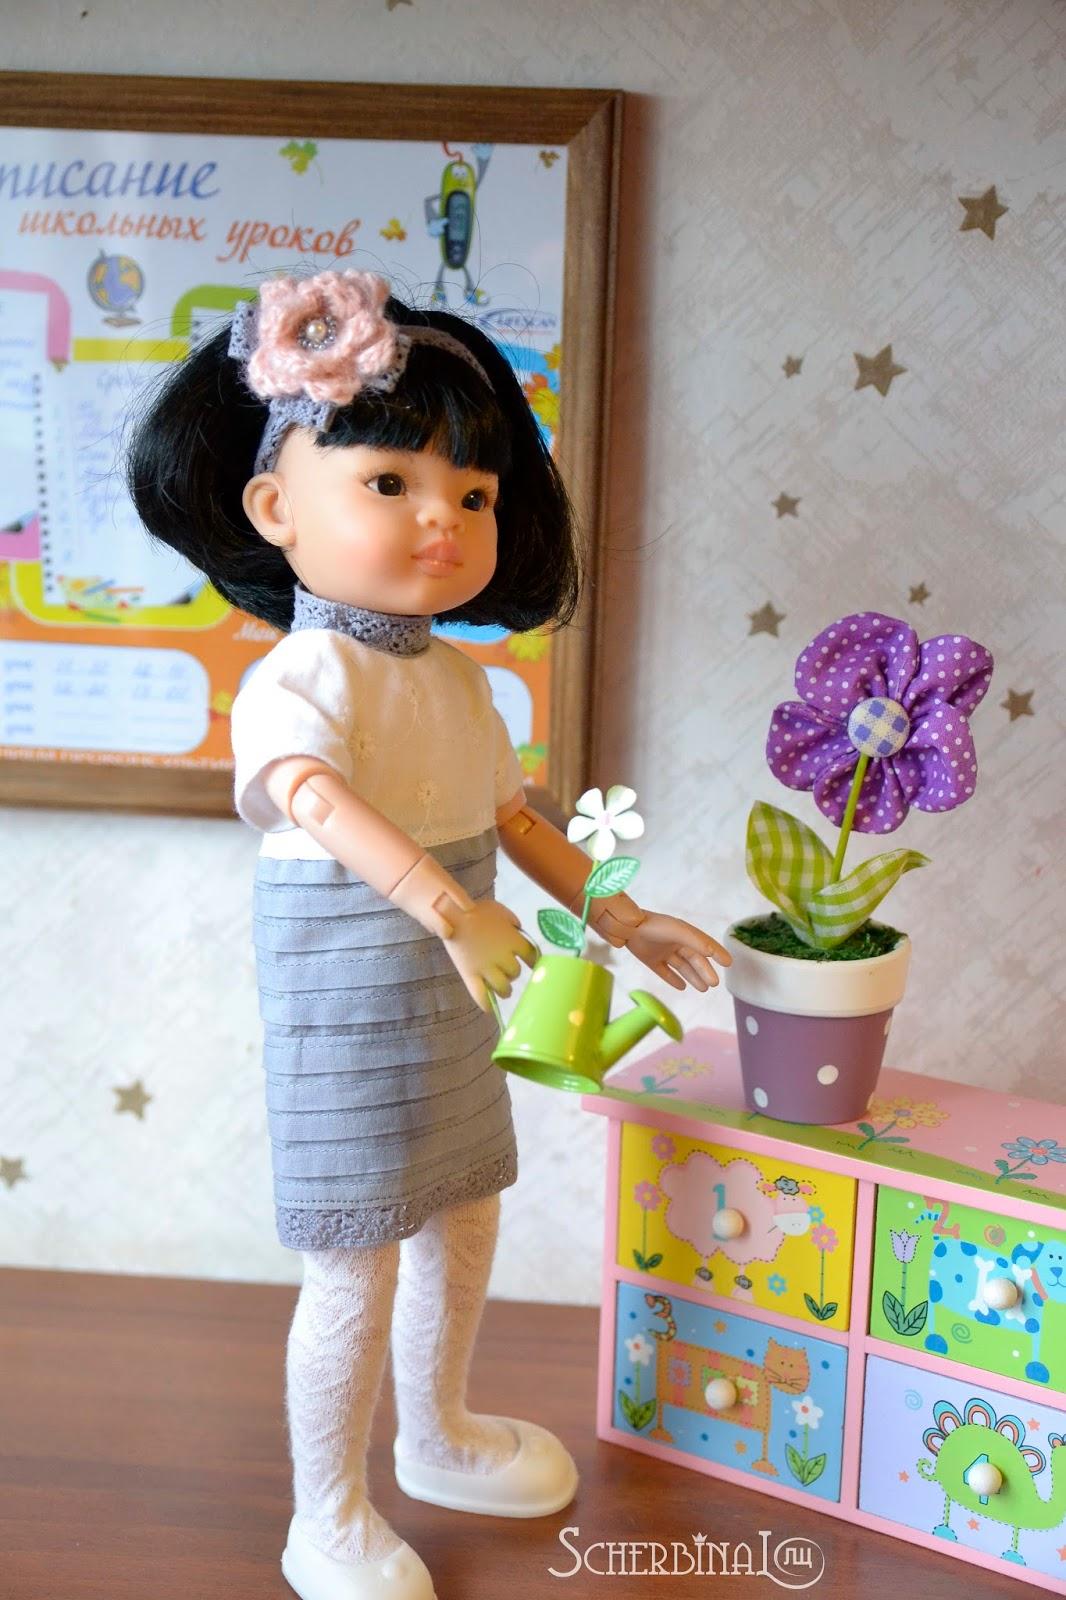 Игровые шарнирные куклы для девочек: Джолина Zapf Creation, Лиу  Paola Reina